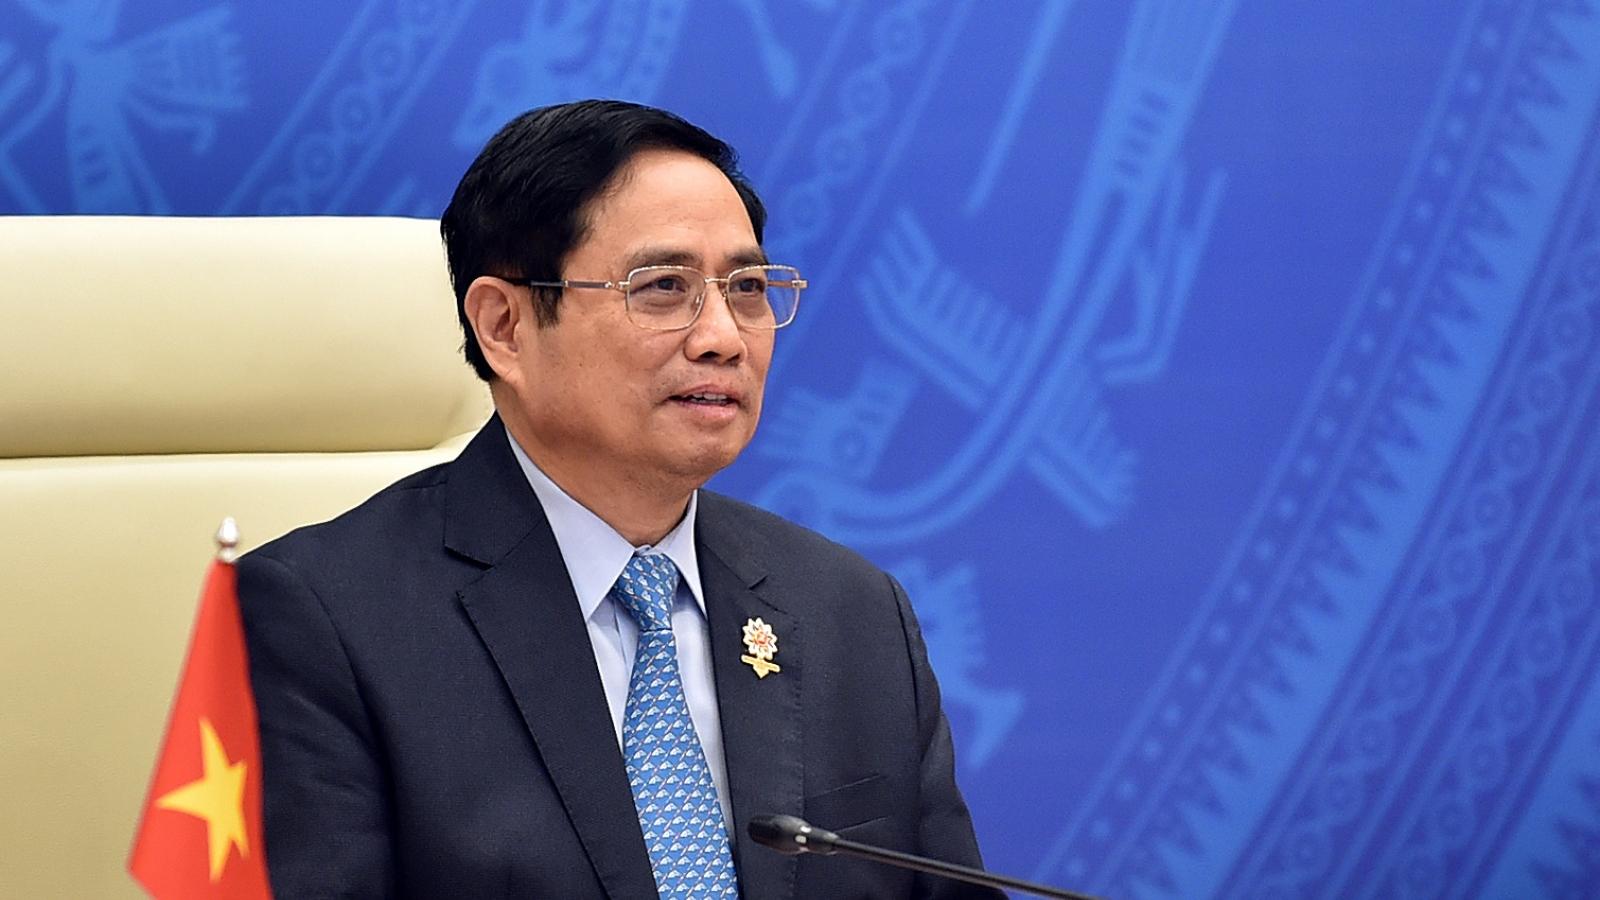 Thủ tướng dự Hội nghị Cấp cao ASEAN-Hoa Kỳ lần thứ 9